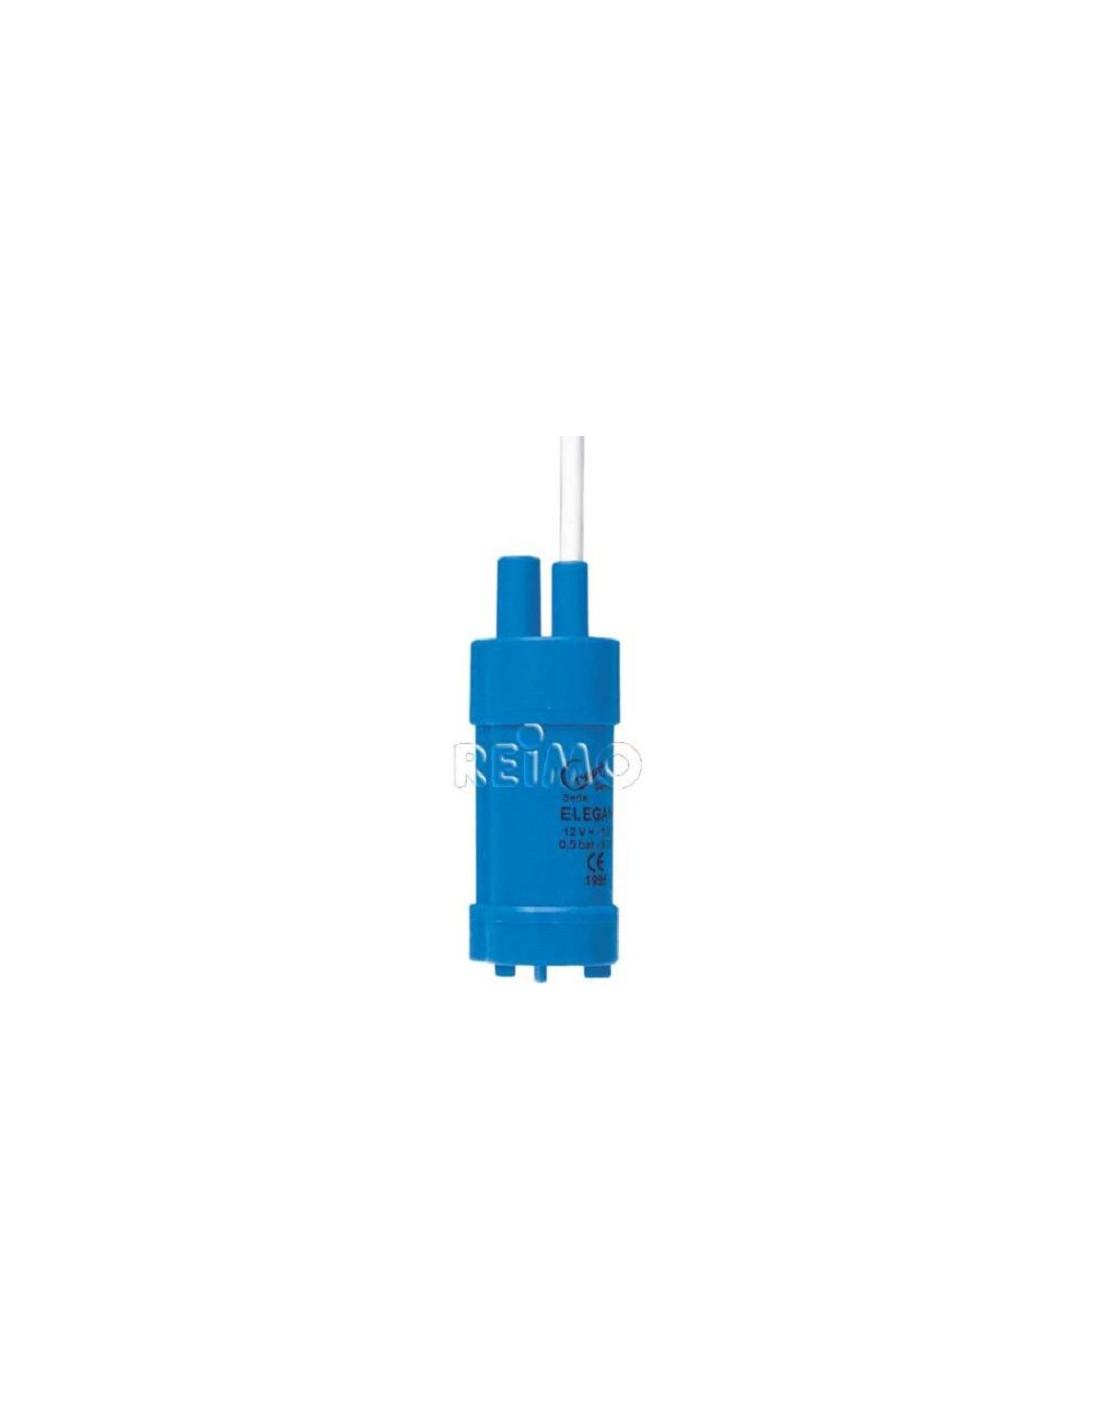 Bomba de agua sumergible 10 litros comet tienda de - Precio de bomba de agua ...